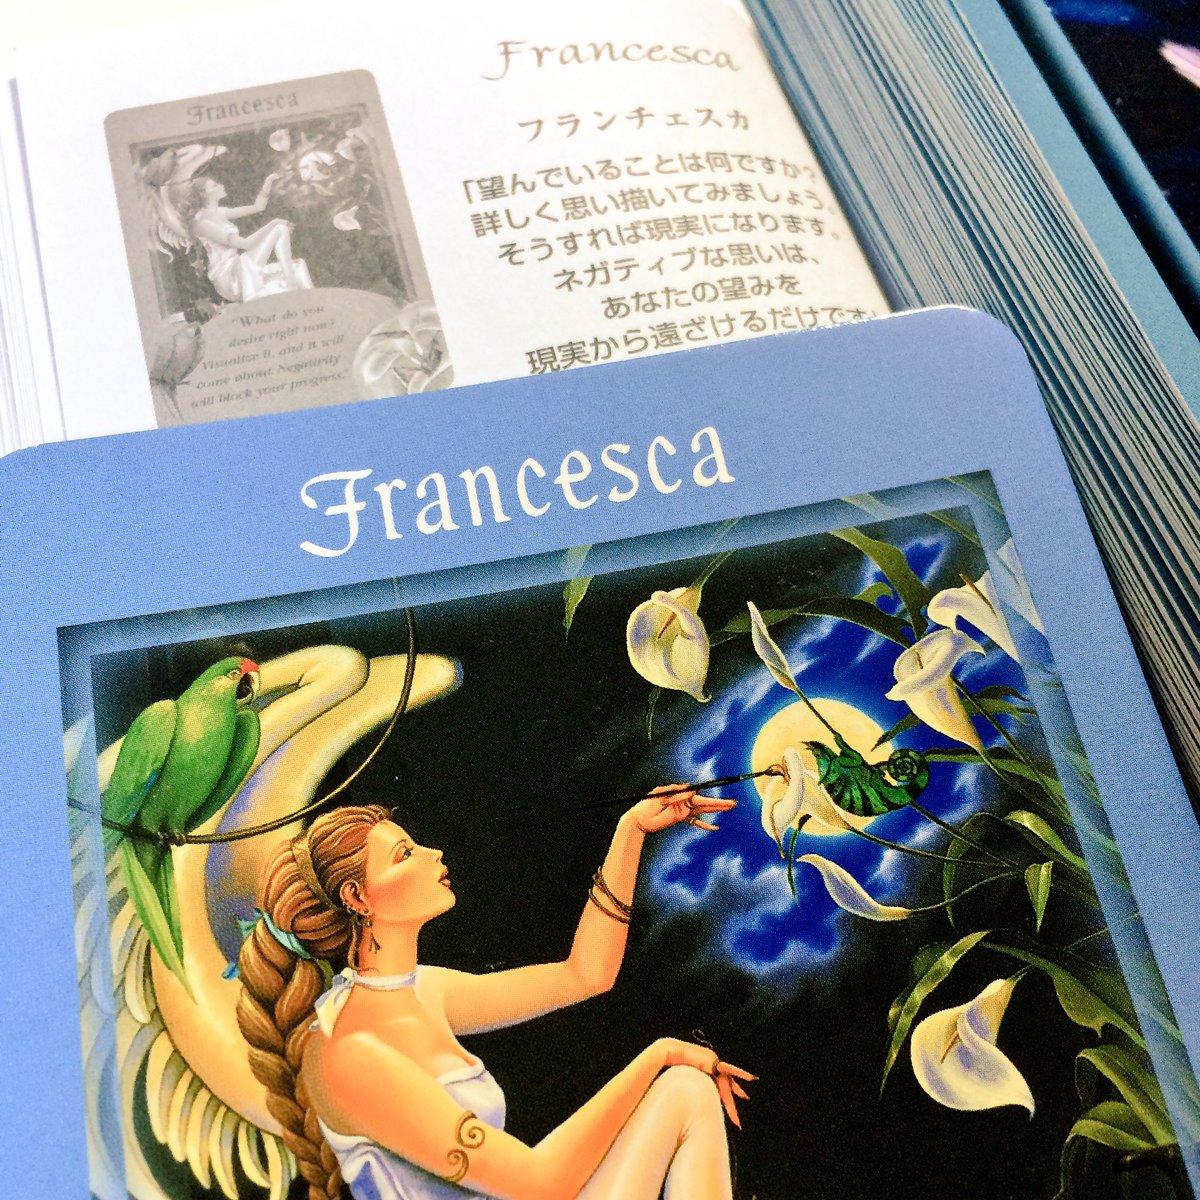 おはようございます。本日の #オラクル 一枚引きはこちら!「フランチェスカ」自身を見つめ直すツールに「自問自答してみて」